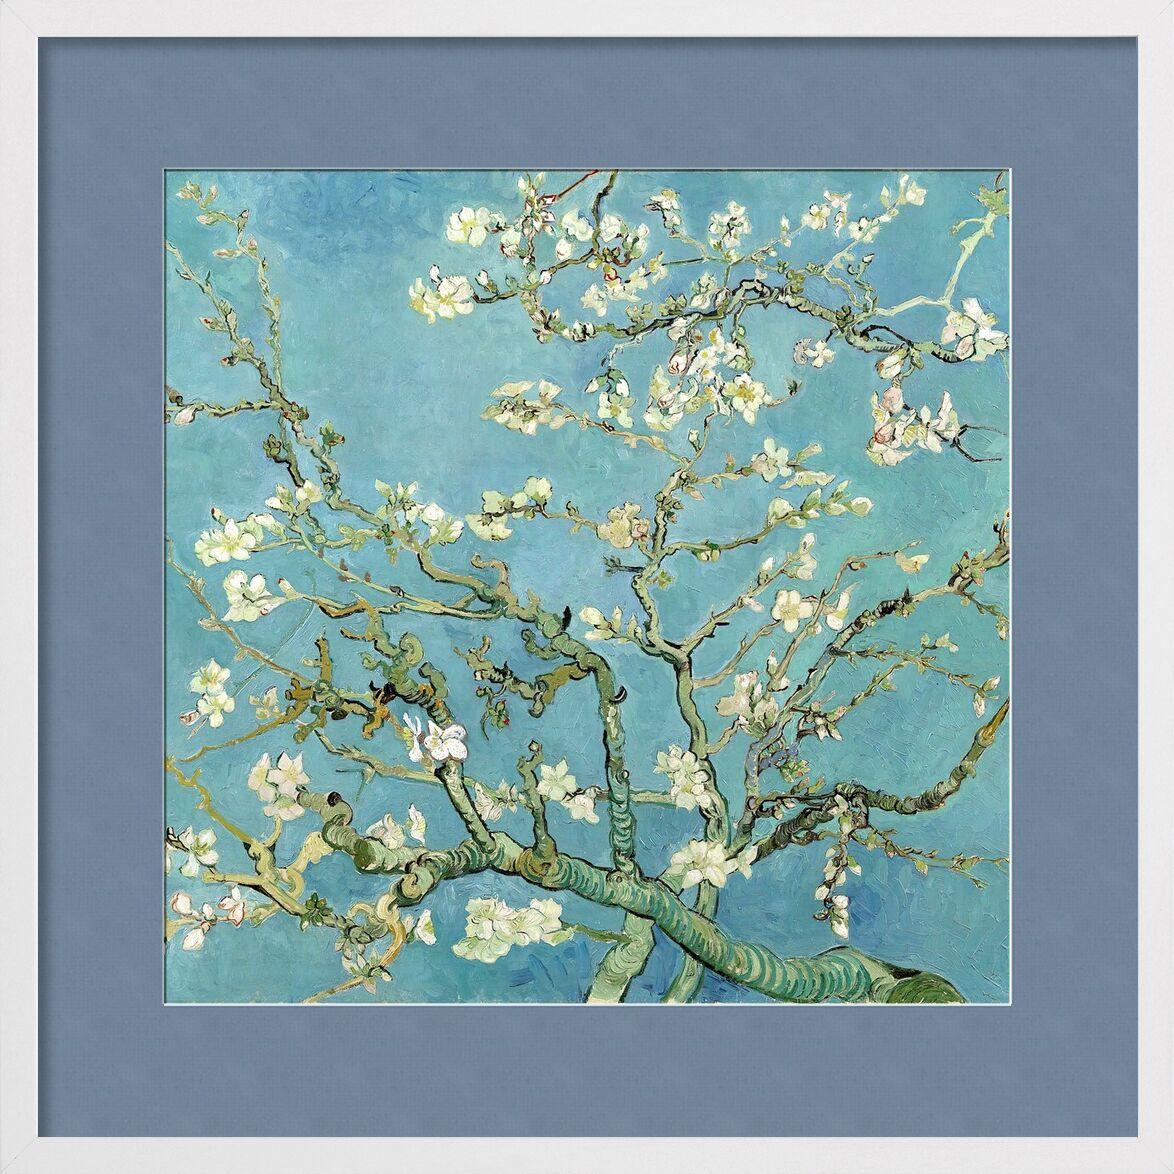 Branches d'amandier en fleurs, Saint-Rémy - VINCENT VAN GOGH 1890 de AUX BEAUX-ARTS, Prodi Art, peinture, arbre, branche, fleurs, nature, VINCENT VAN GOGH, arbre en fleur